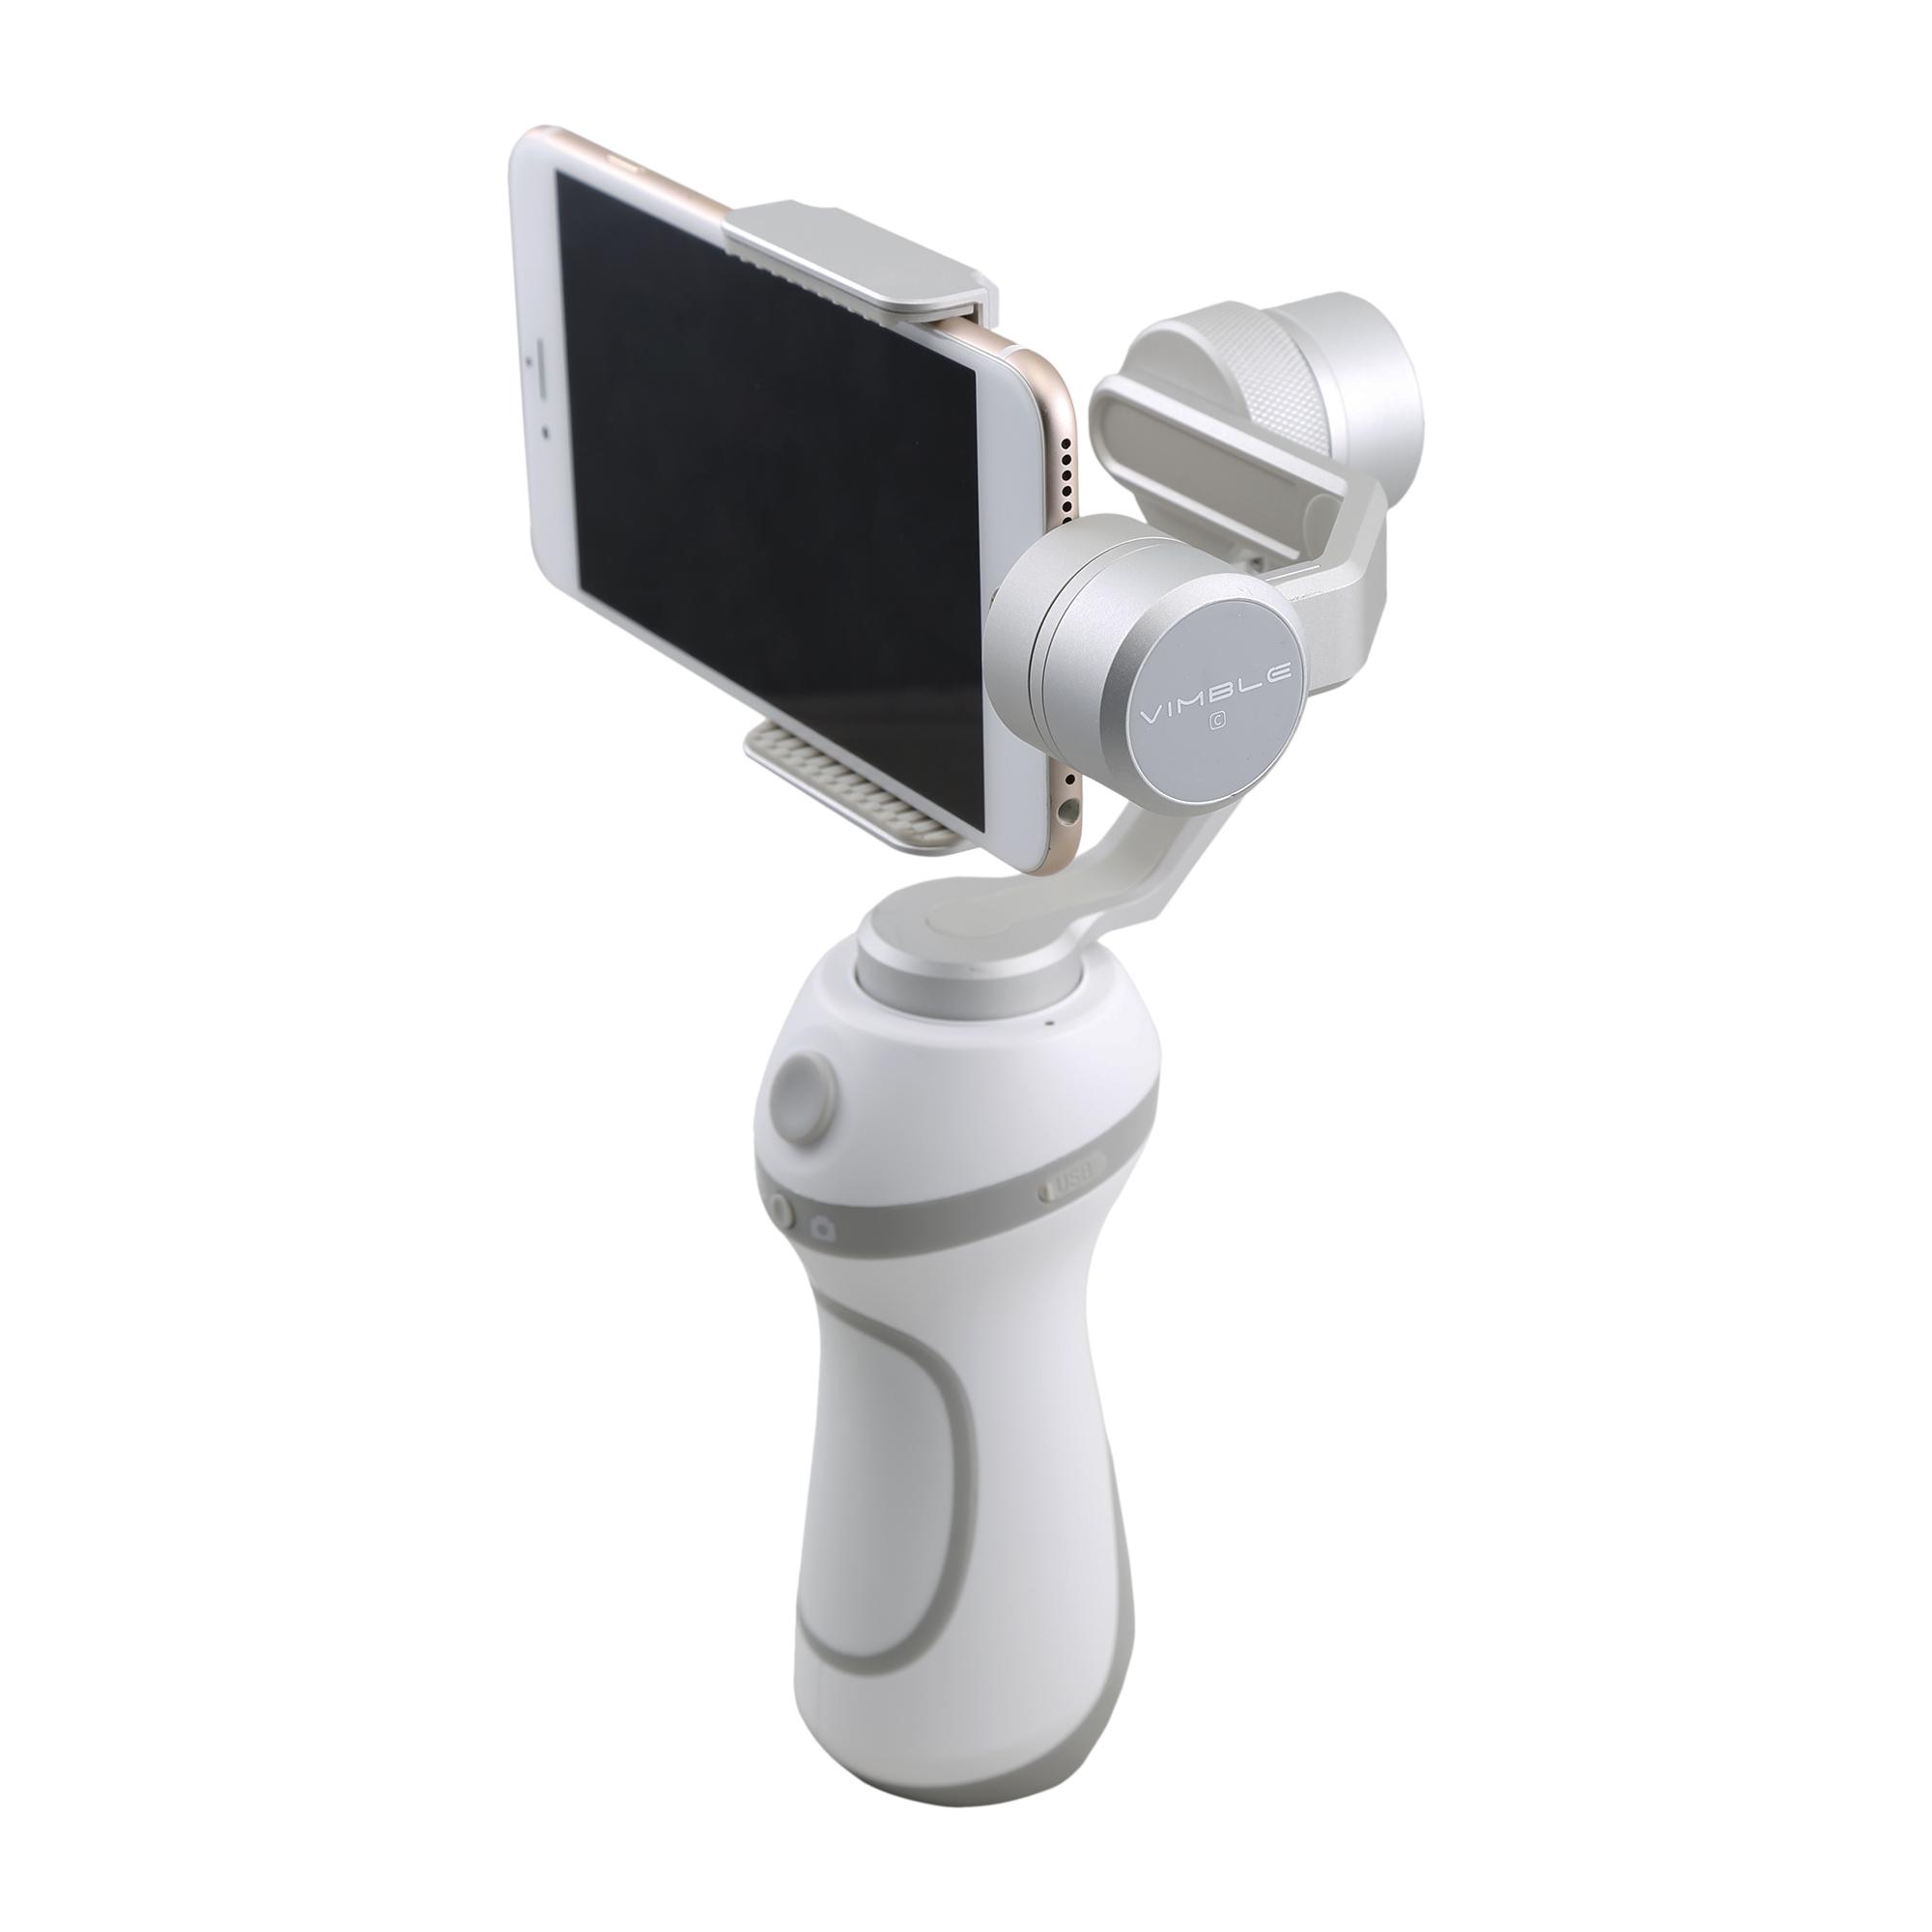 feyu vimble c un stabilisateur 3 axes pour smartphone et action cam. Black Bedroom Furniture Sets. Home Design Ideas